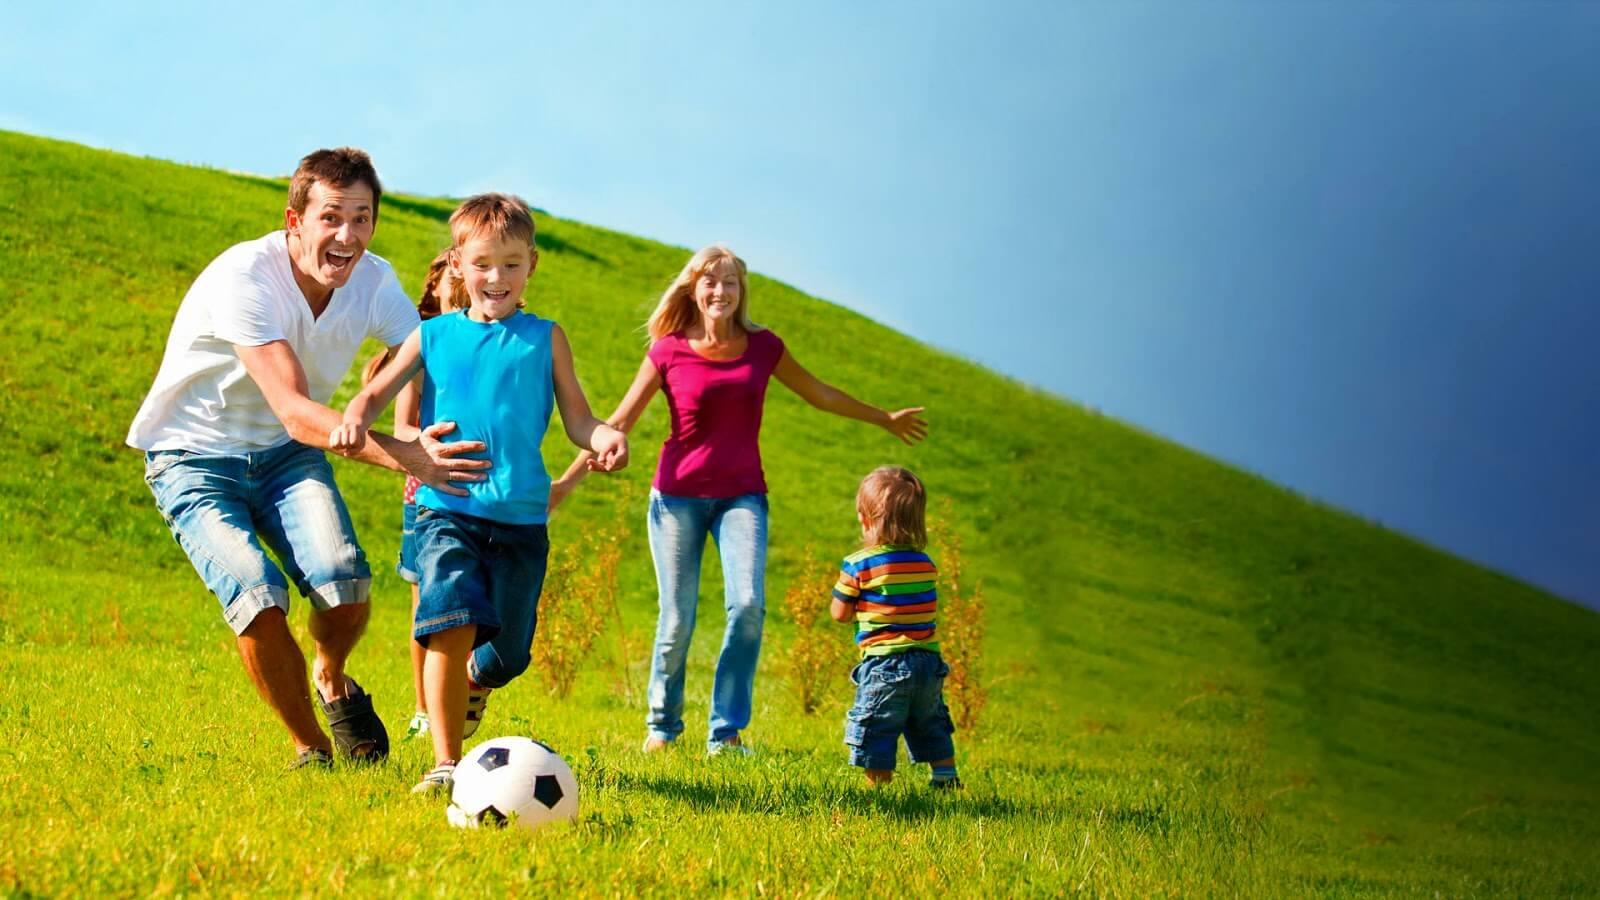 6 راز والدین هلندی برای پرورش شادترین کودکان